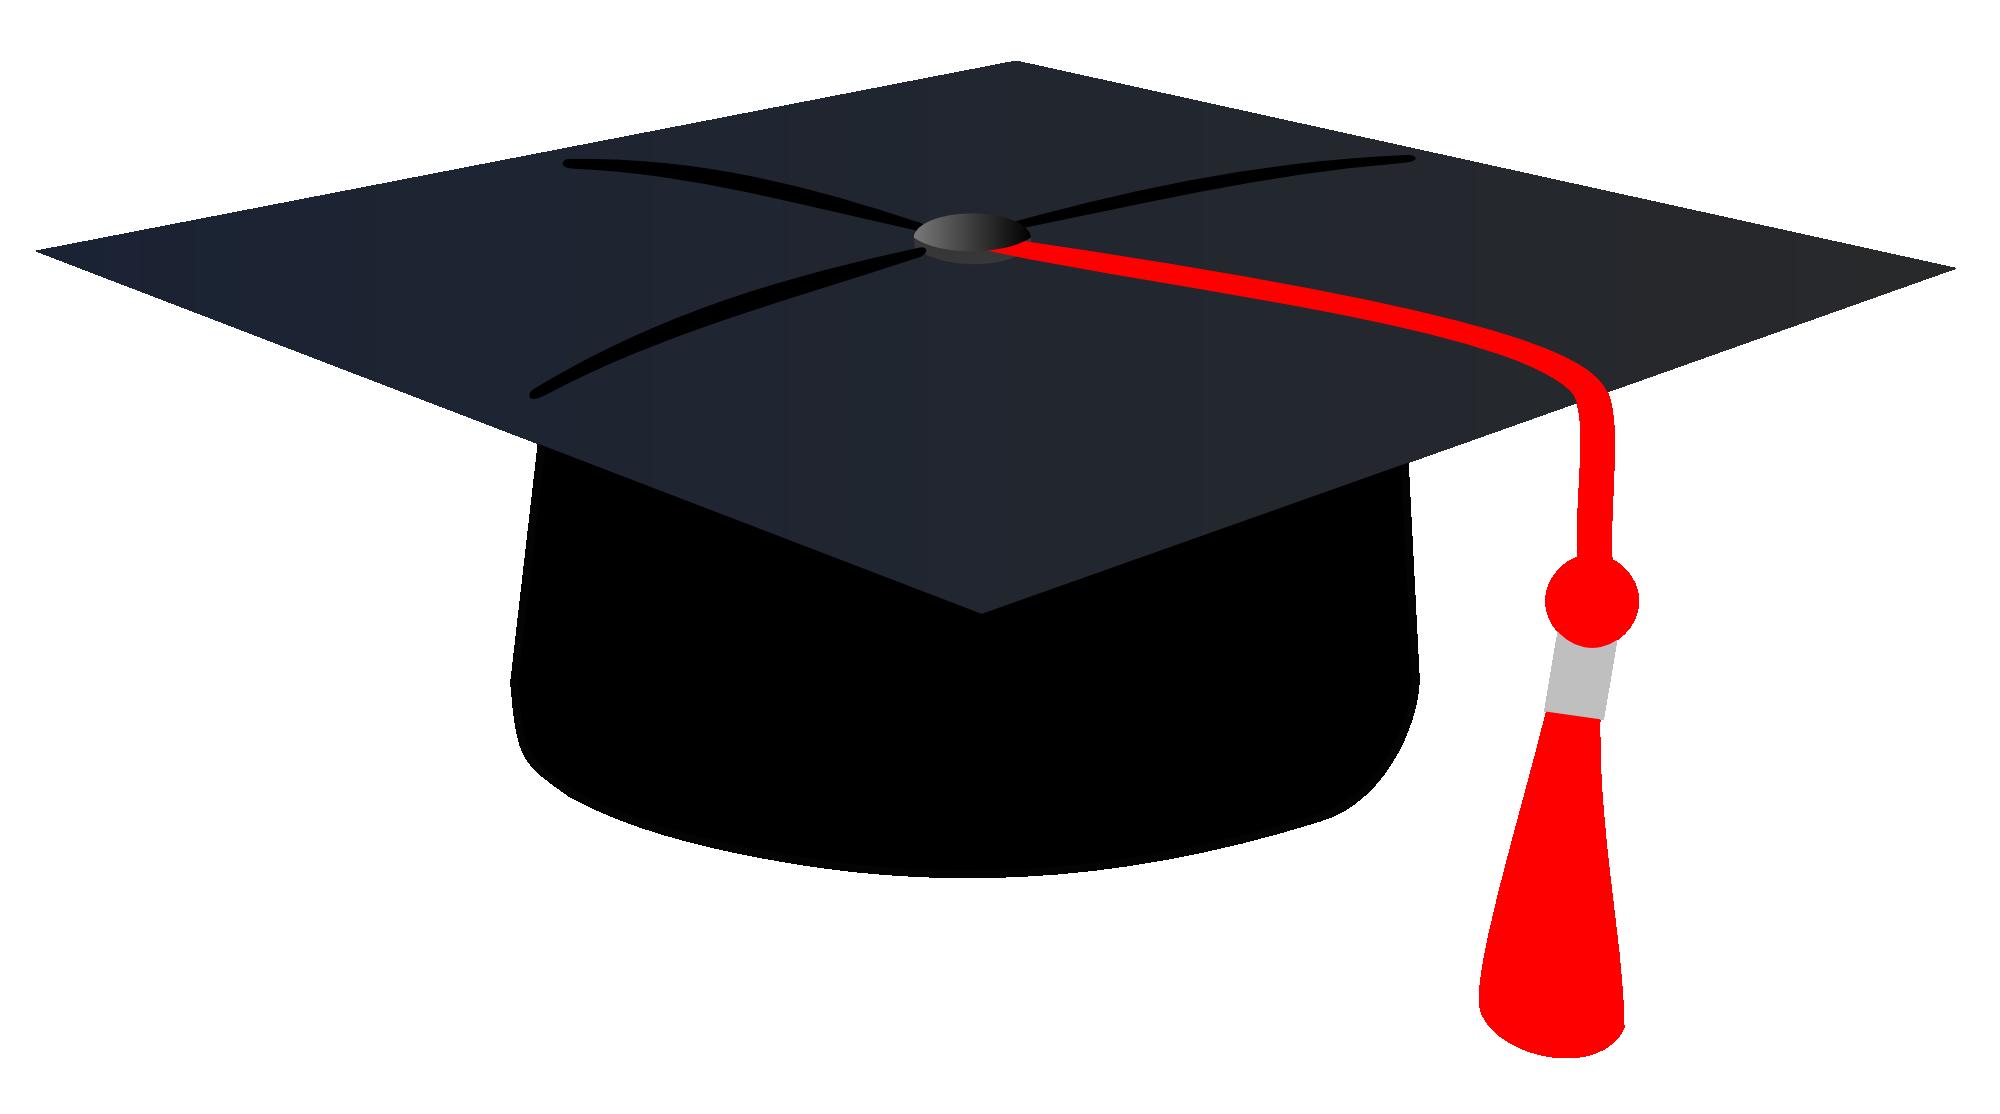 Graduation Cap Clipart Png Image Graduation Cap Clipart Graduation Cap Graduation Hairstyles With Cap